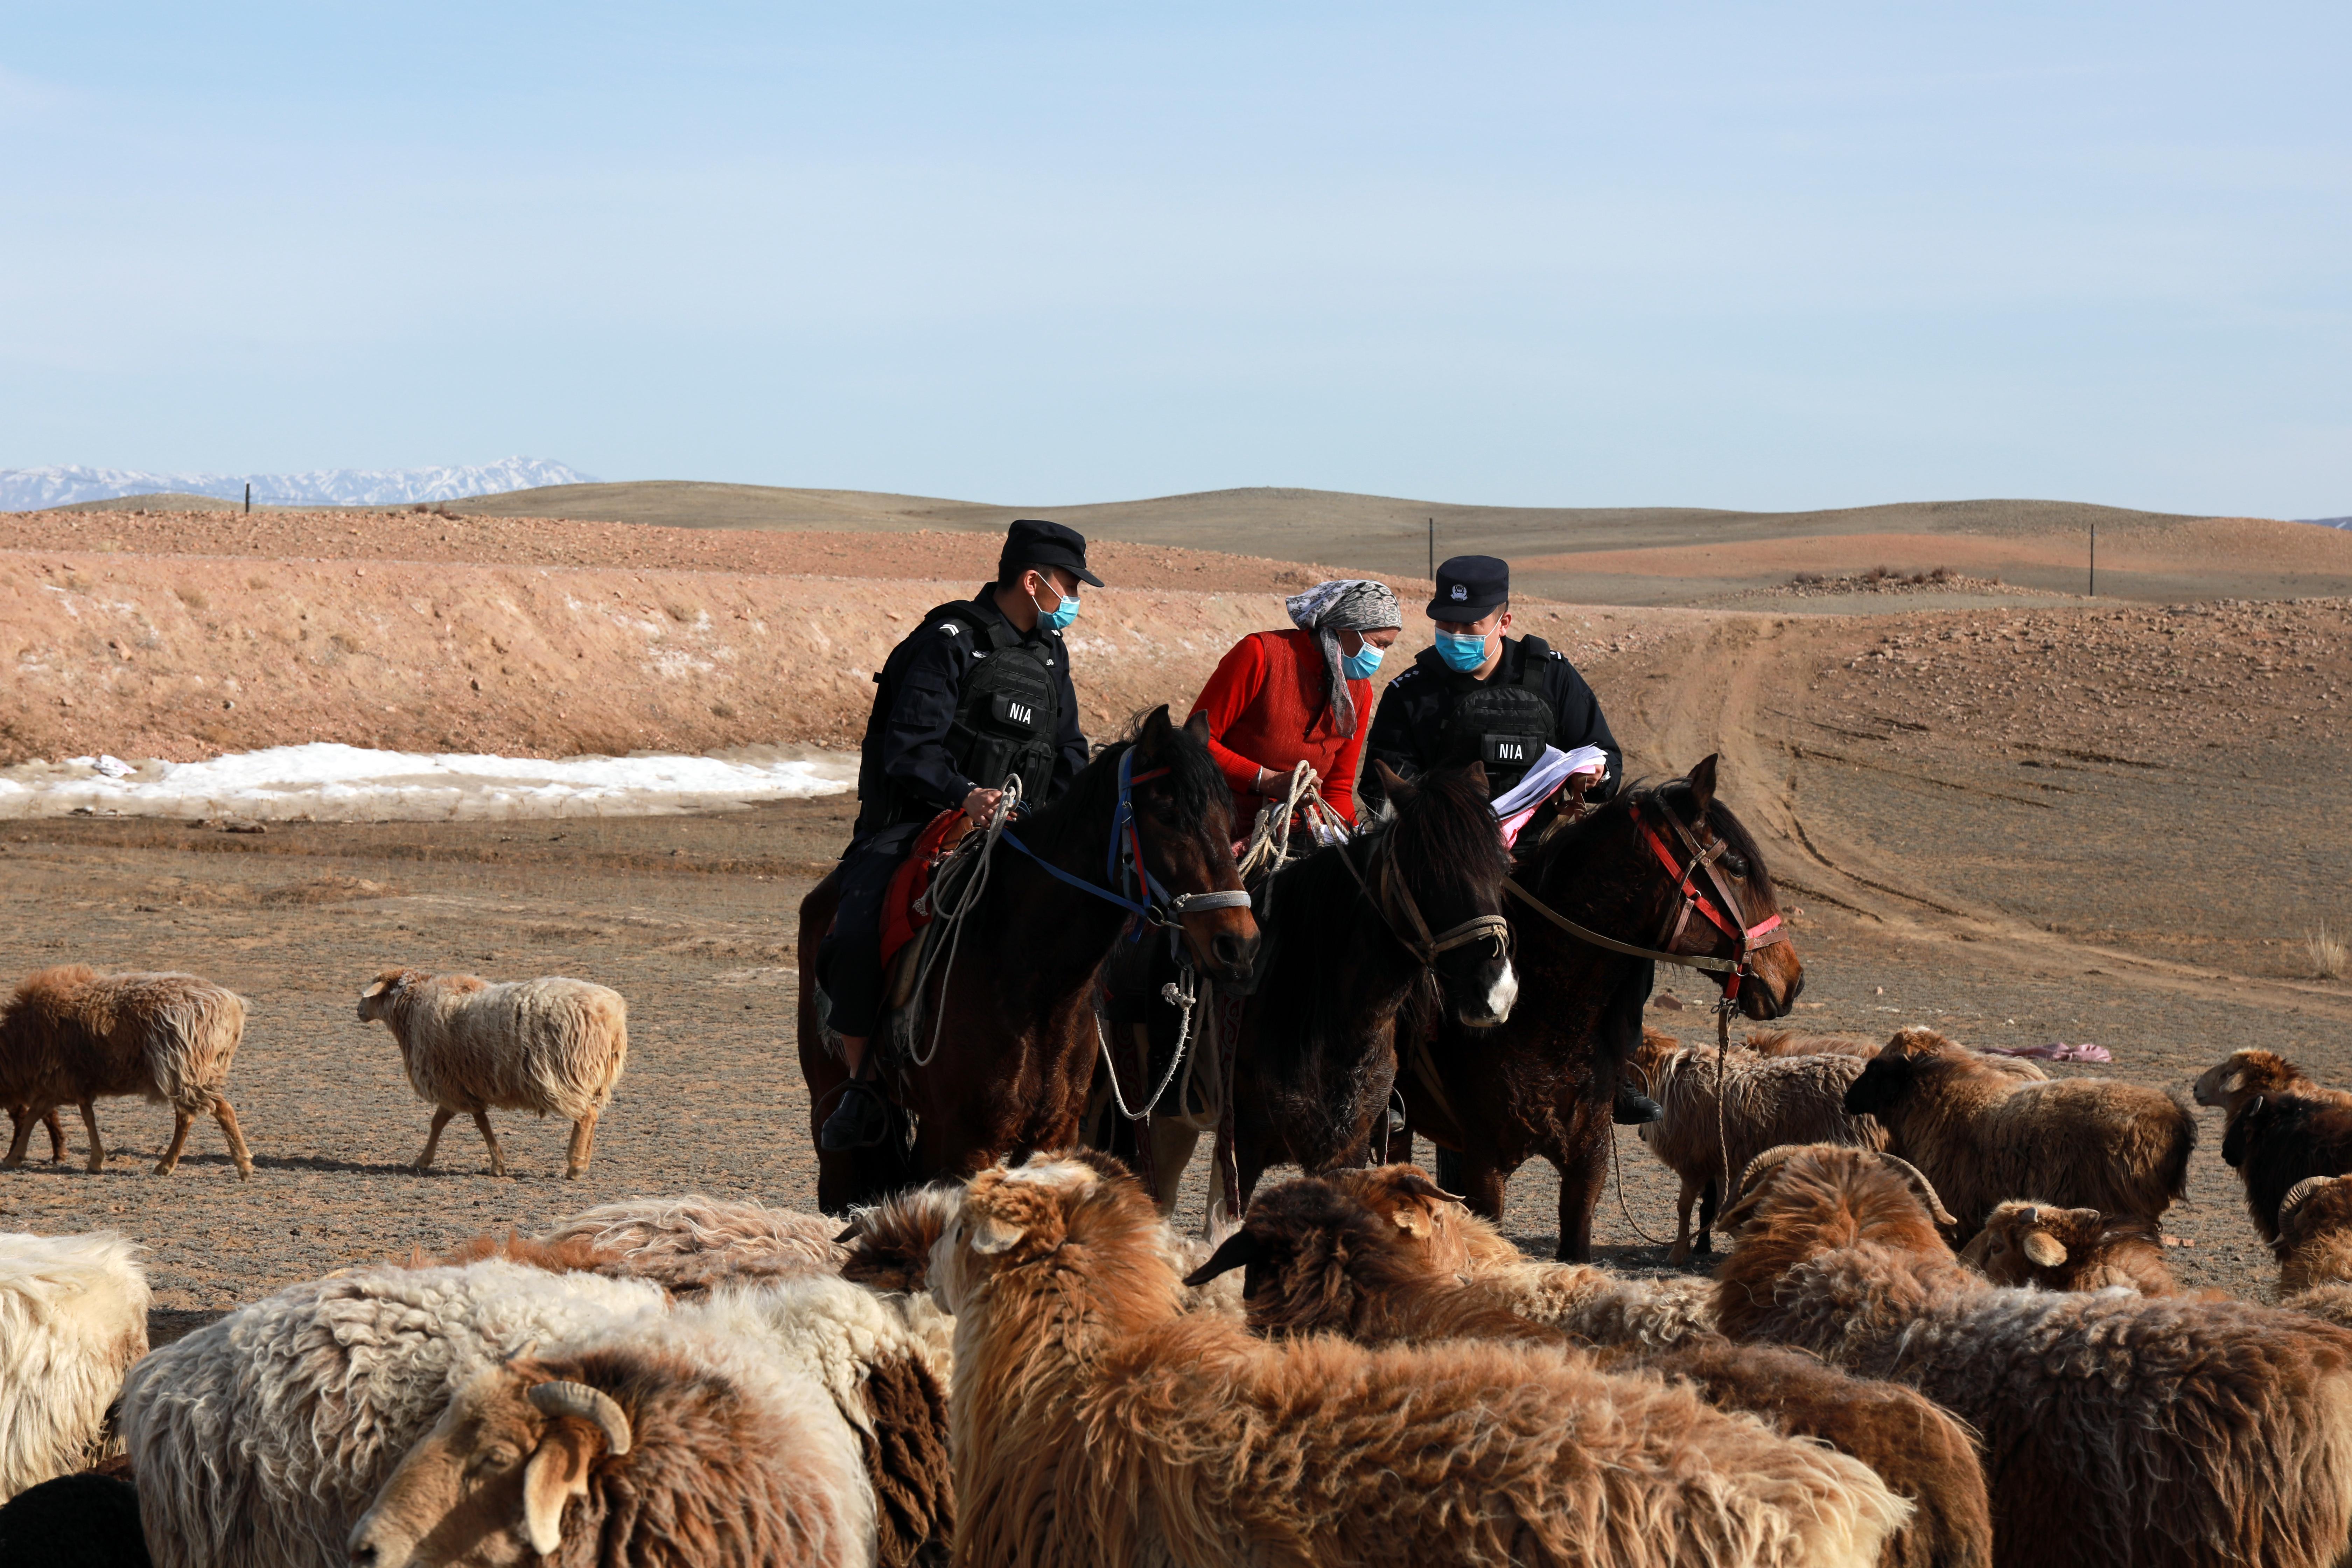 新疆富蕴:确保牧民转移安全的马背警察室